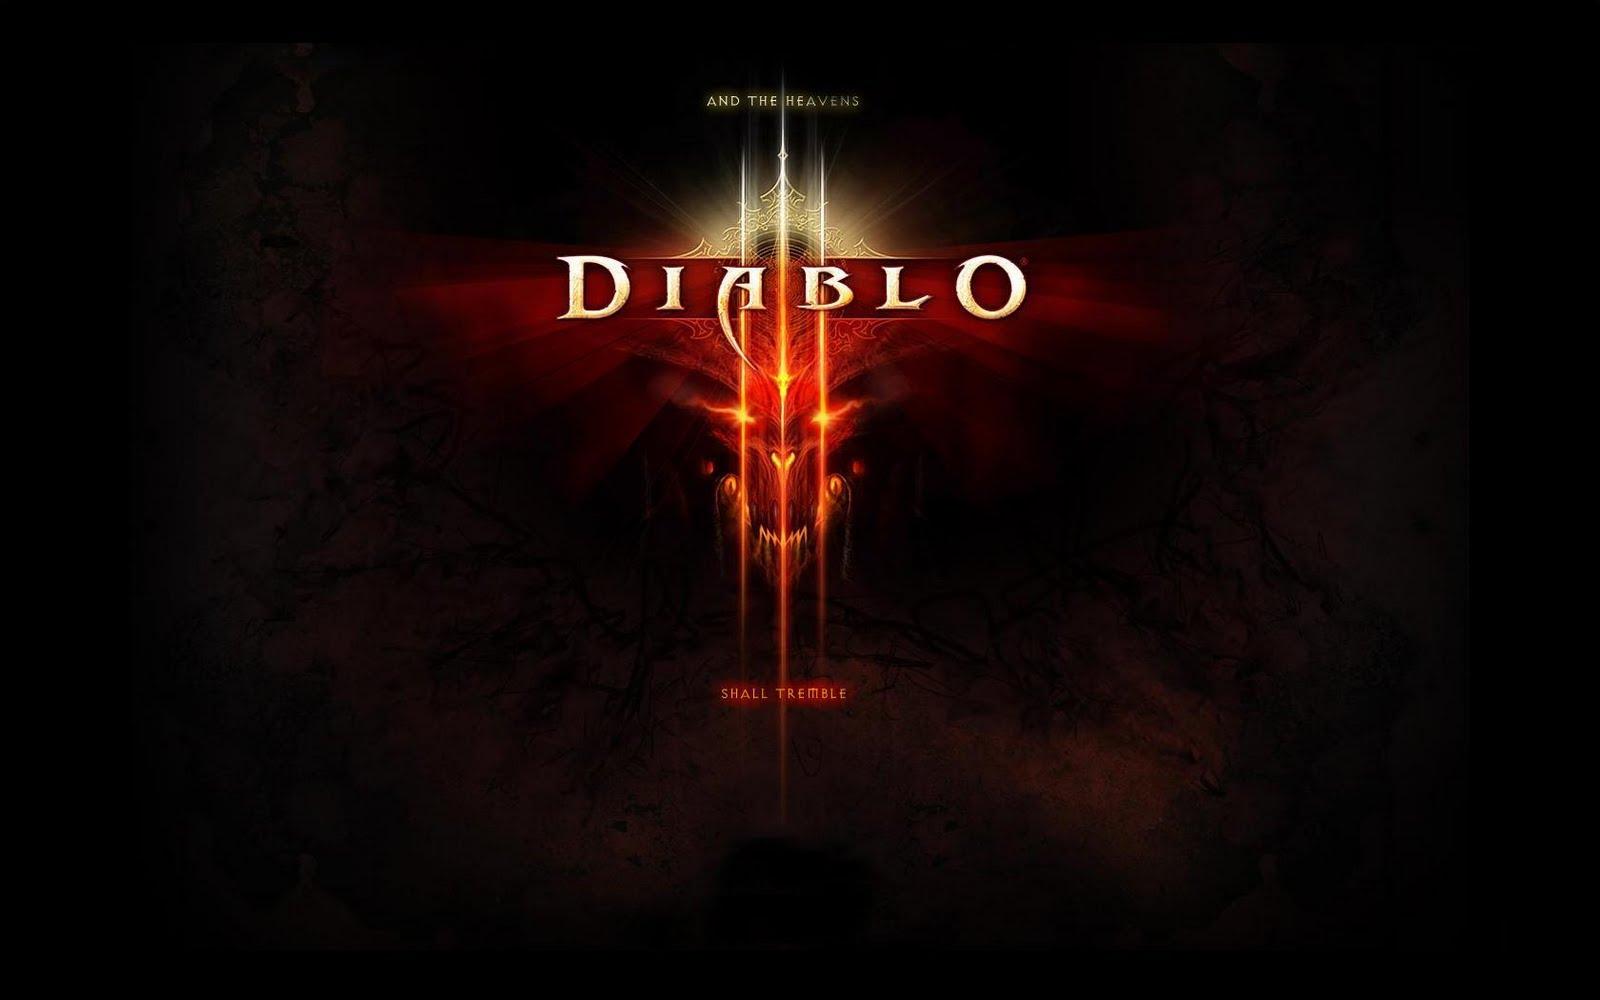 http://4.bp.blogspot.com/-LBmcawg8WoA/TdKQ9wRsBQI/AAAAAAAABu0/QhtfeLhg44c/s1600/Diablo_III_2.jpg